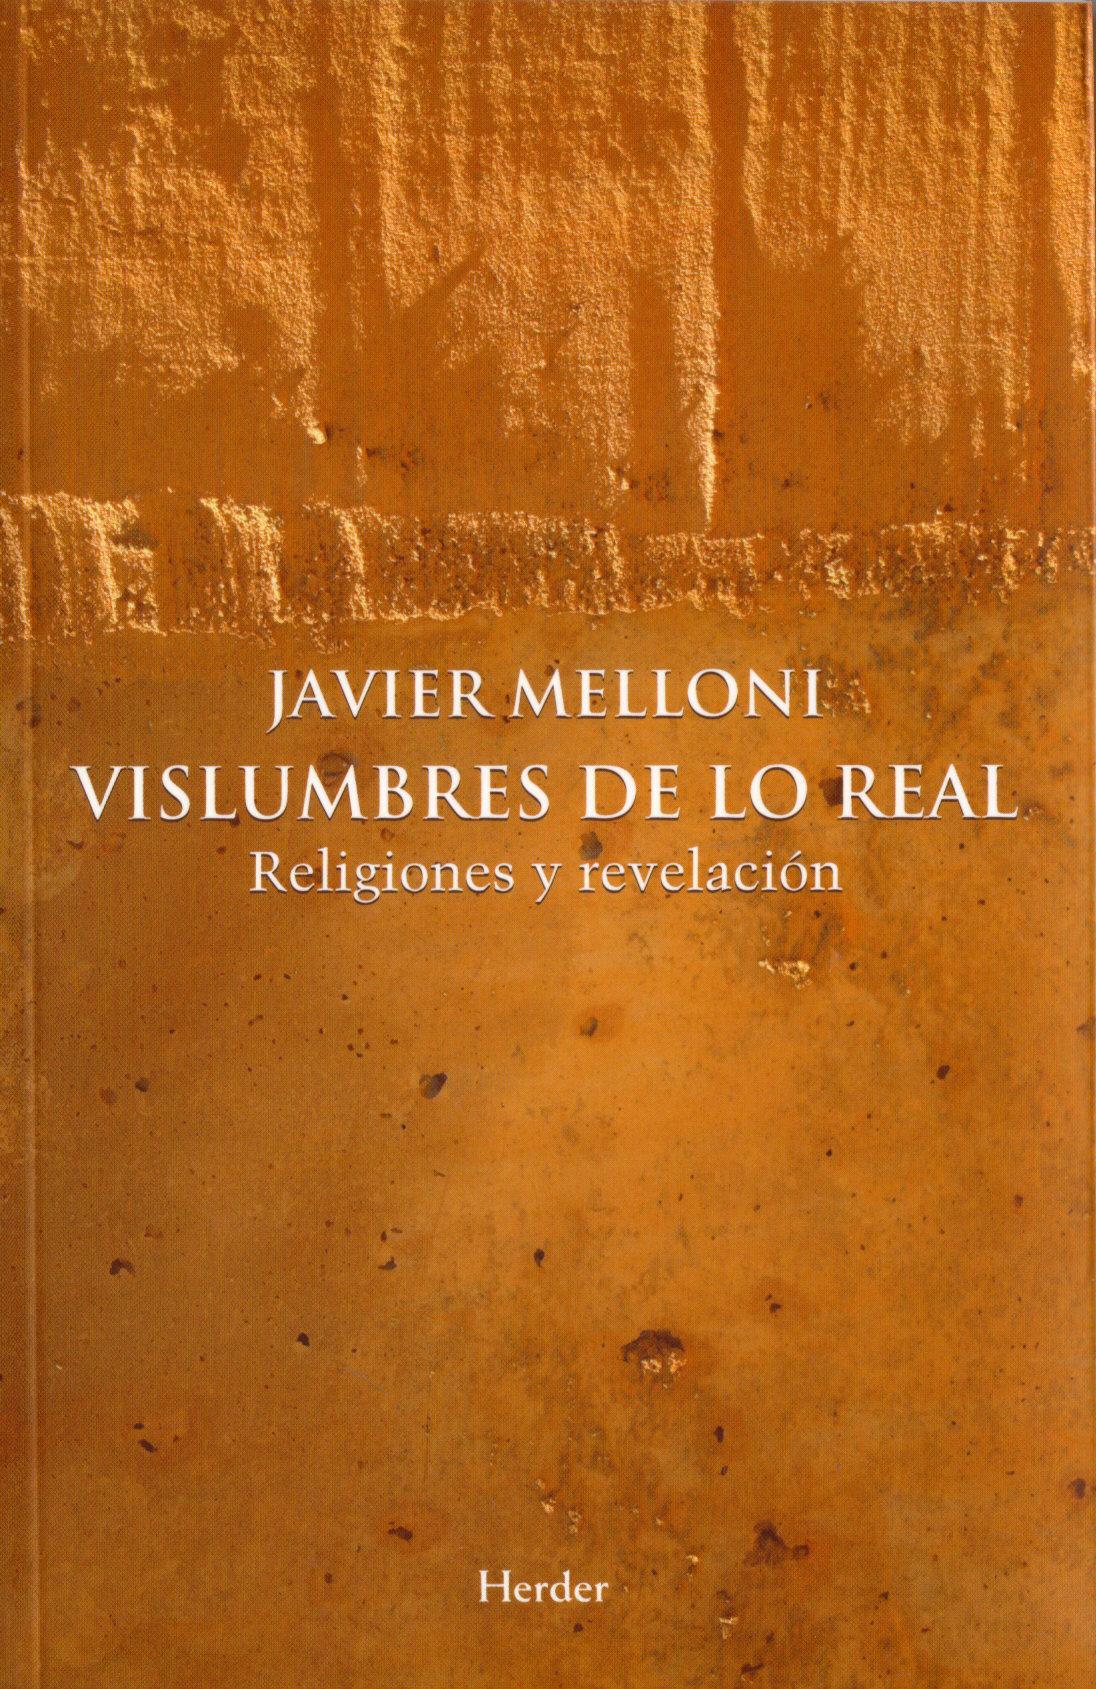 Vislumbres De Lo Real por Javier Melloni Ribas